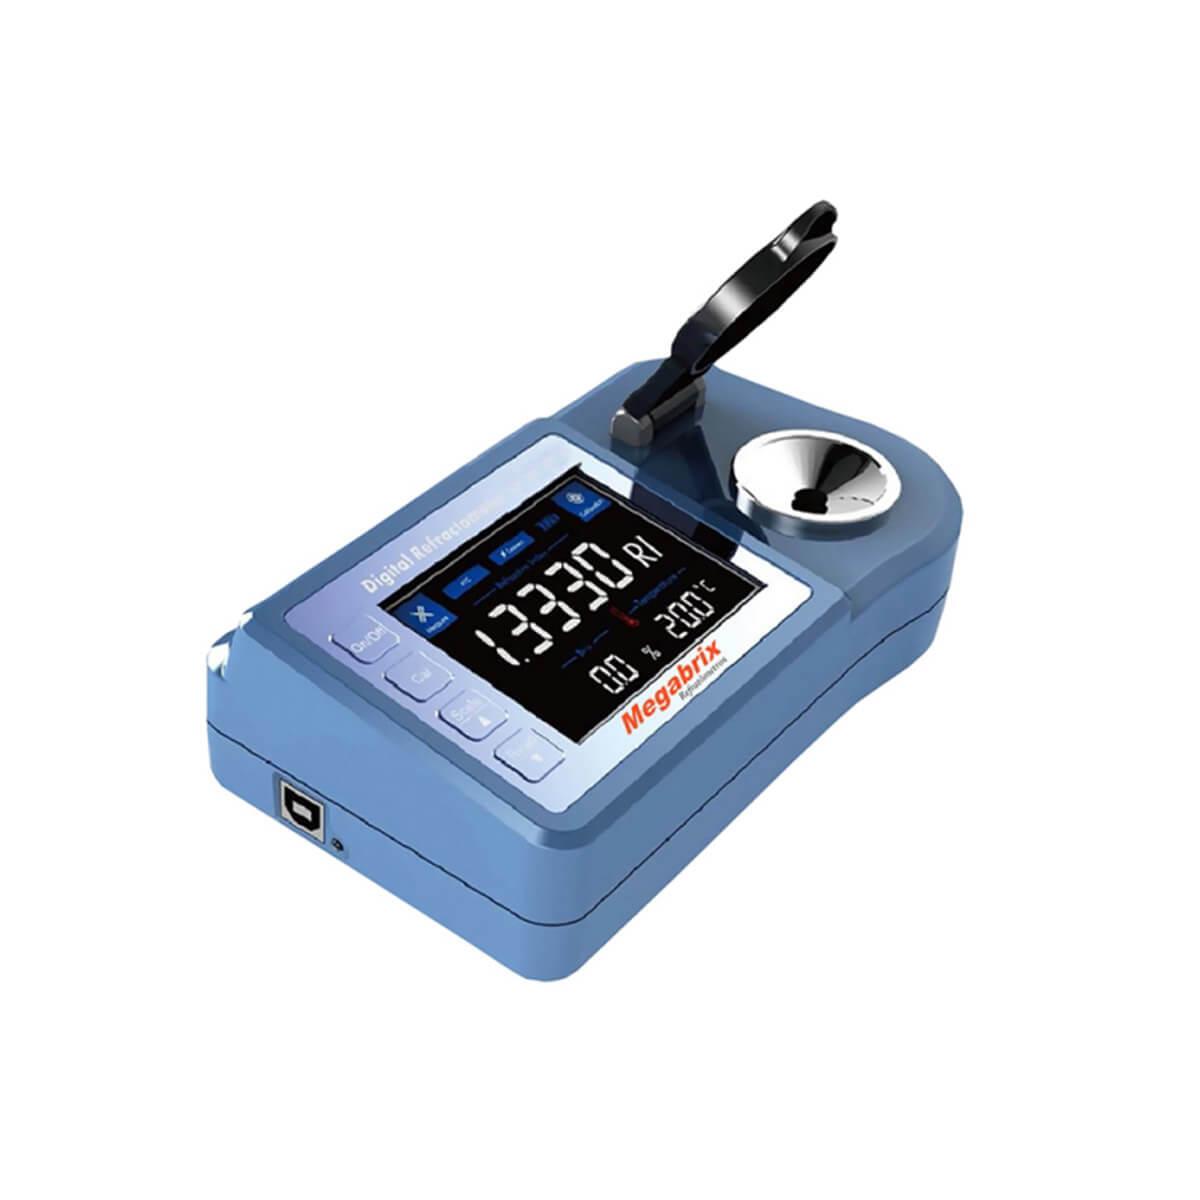 Refratômetro Digital de Bancada Cloreto de Sódio (nacl)